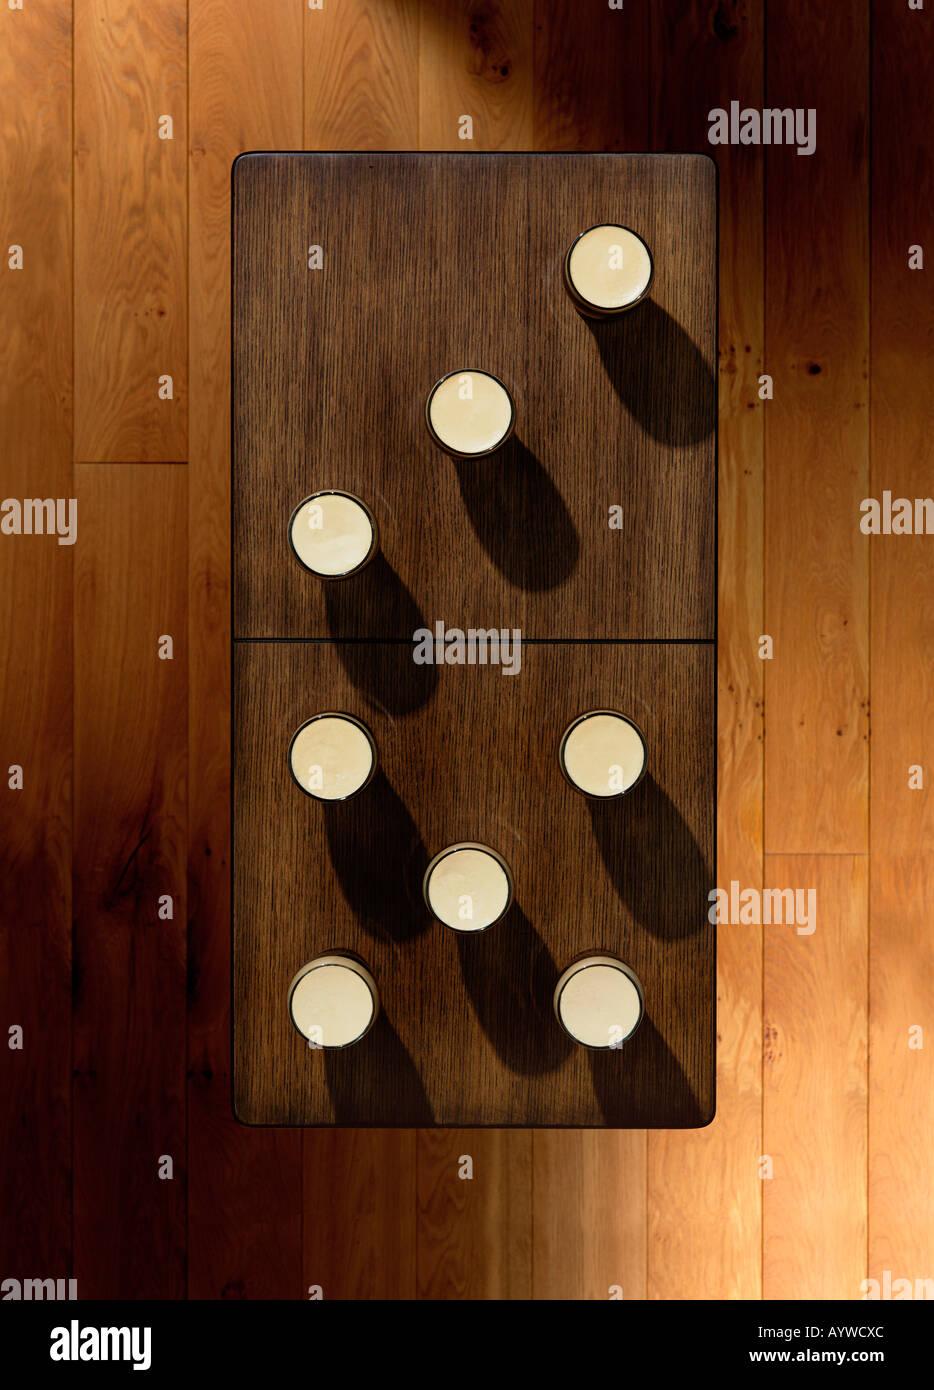 Un passage tiré d'une table avec quelques pintes mis sur elle à aussi l'air d'un domino Banque D'Images